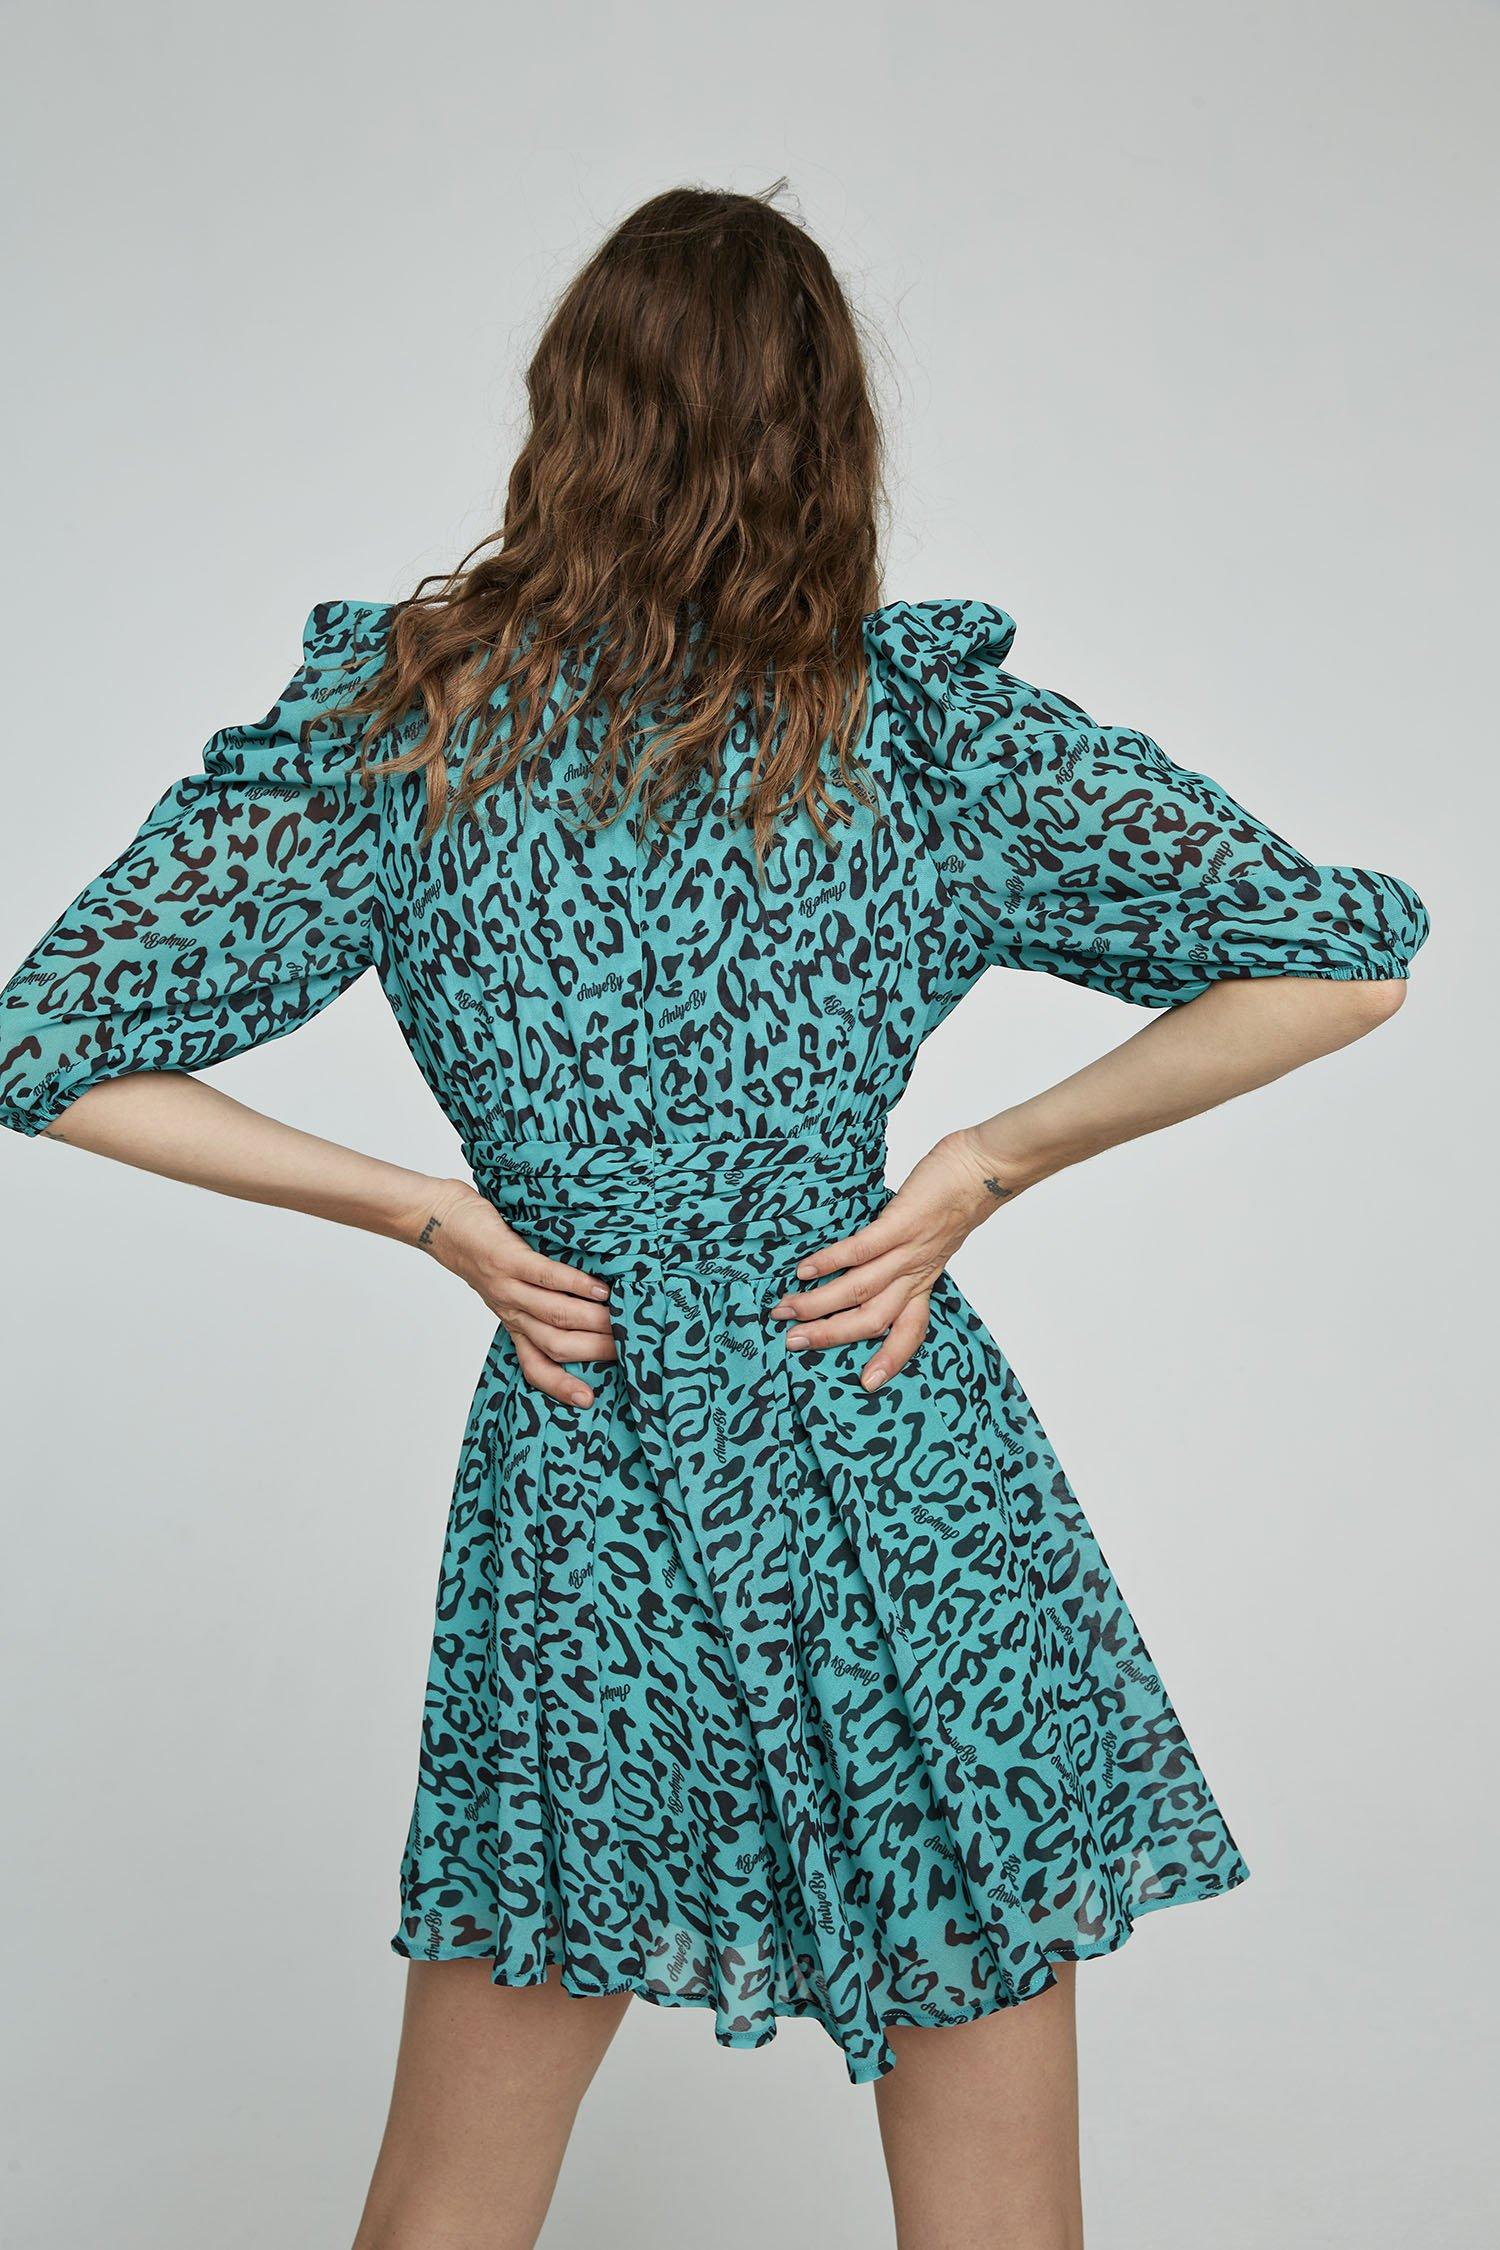 Abito Mini Dress Mindy rosa Aniye By.